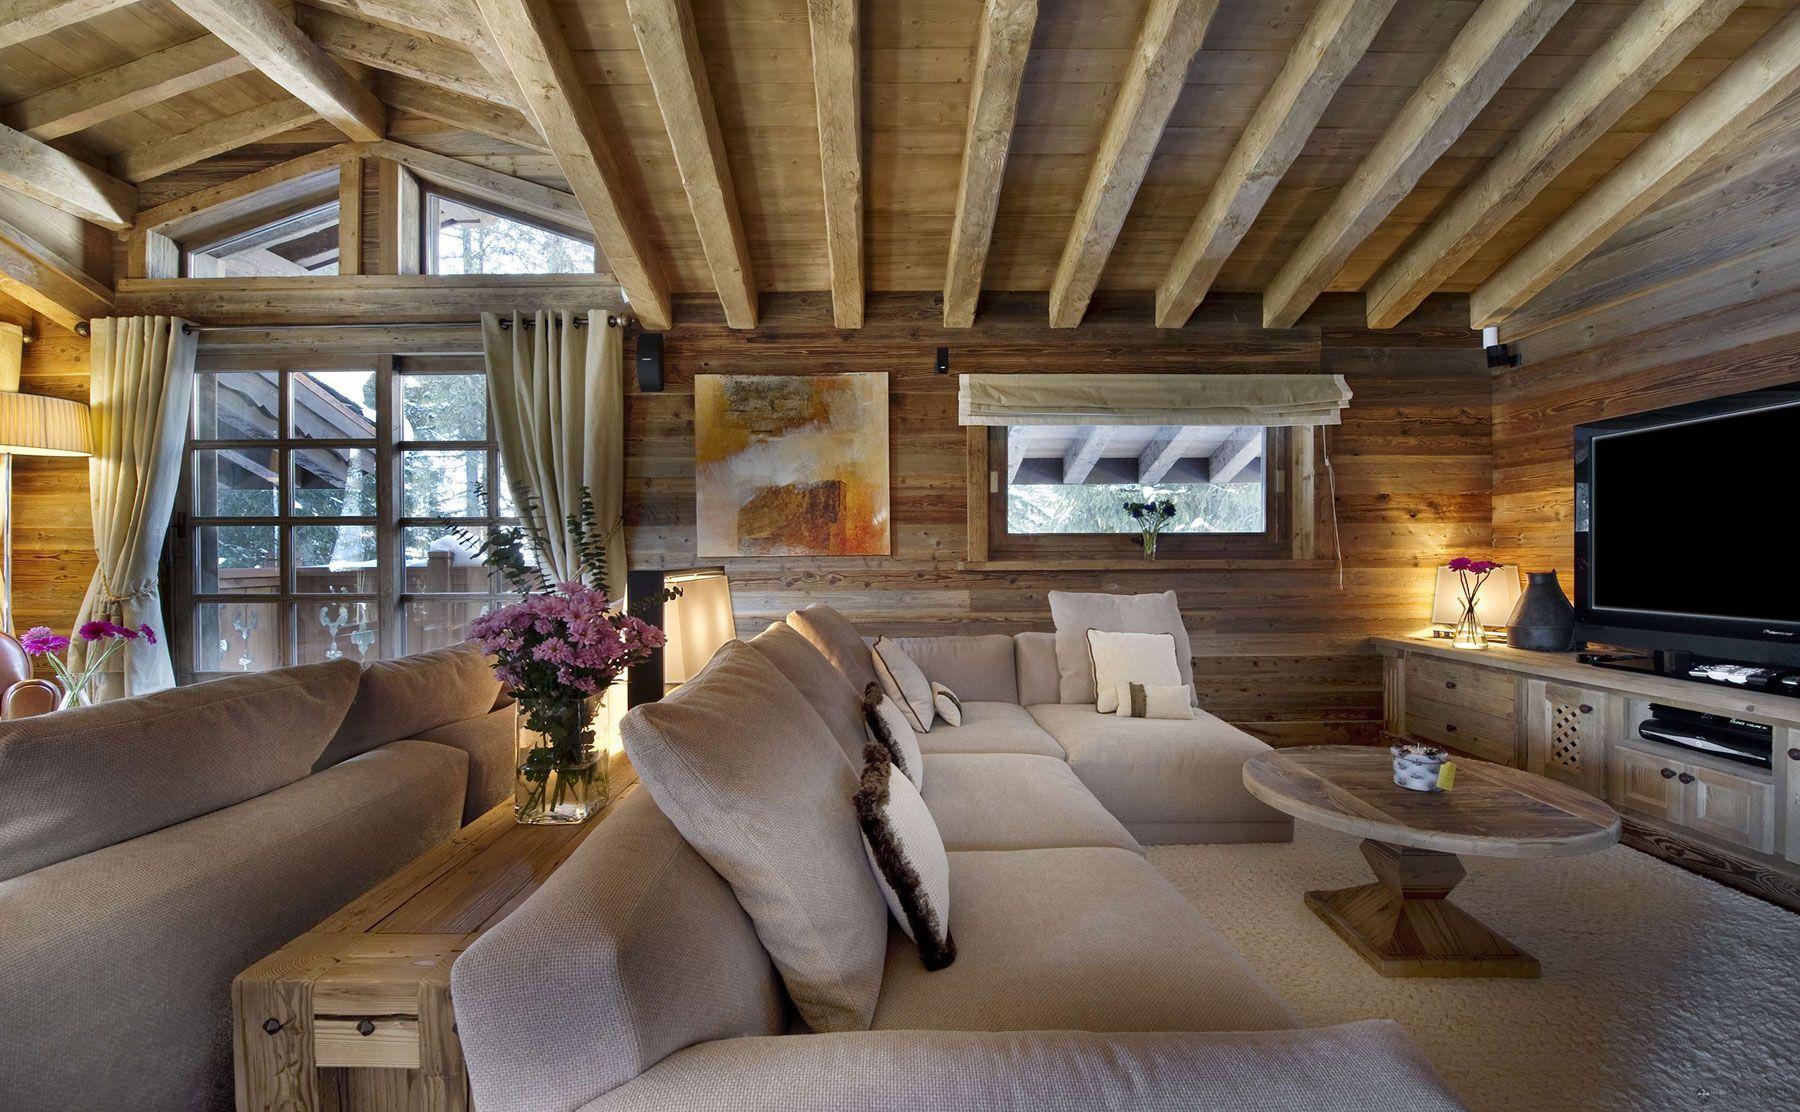 70 moderne, innovative luxus interieur ideen fürs wohnzimmer, Wohnzimmer dekoo